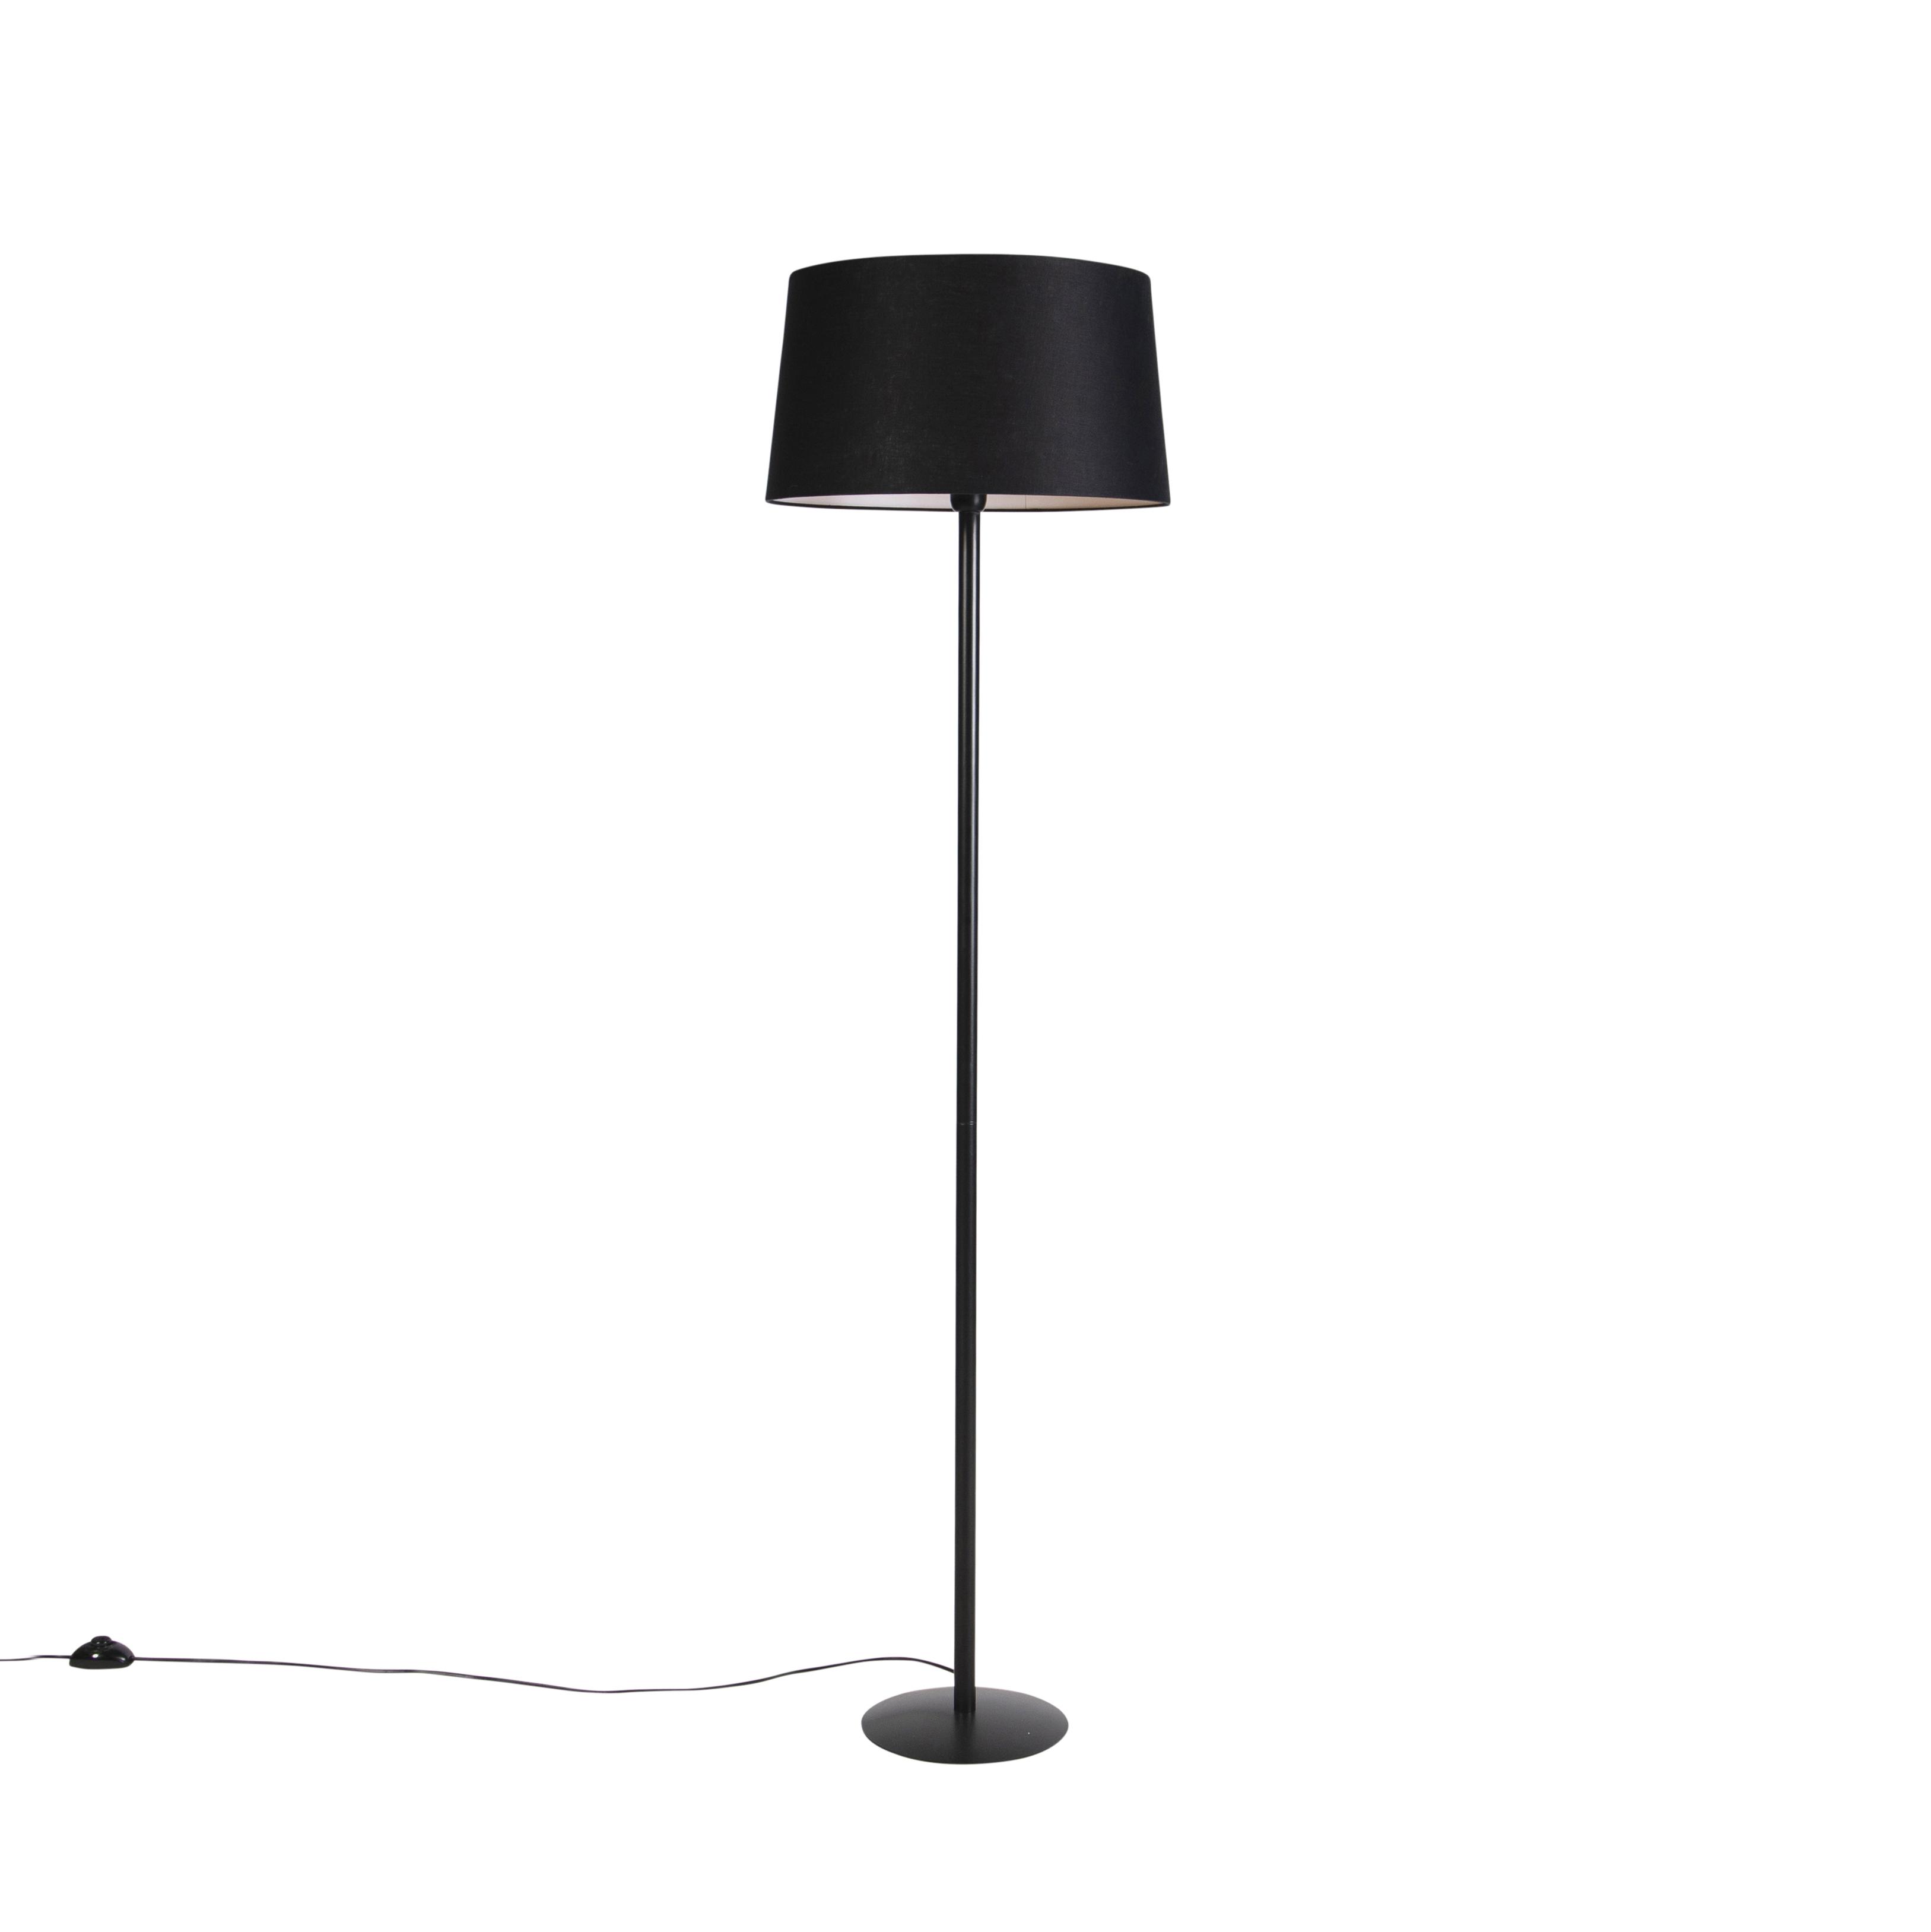 Zwarte vloerlamp met linnen kap zwart 45 cm - Simplo